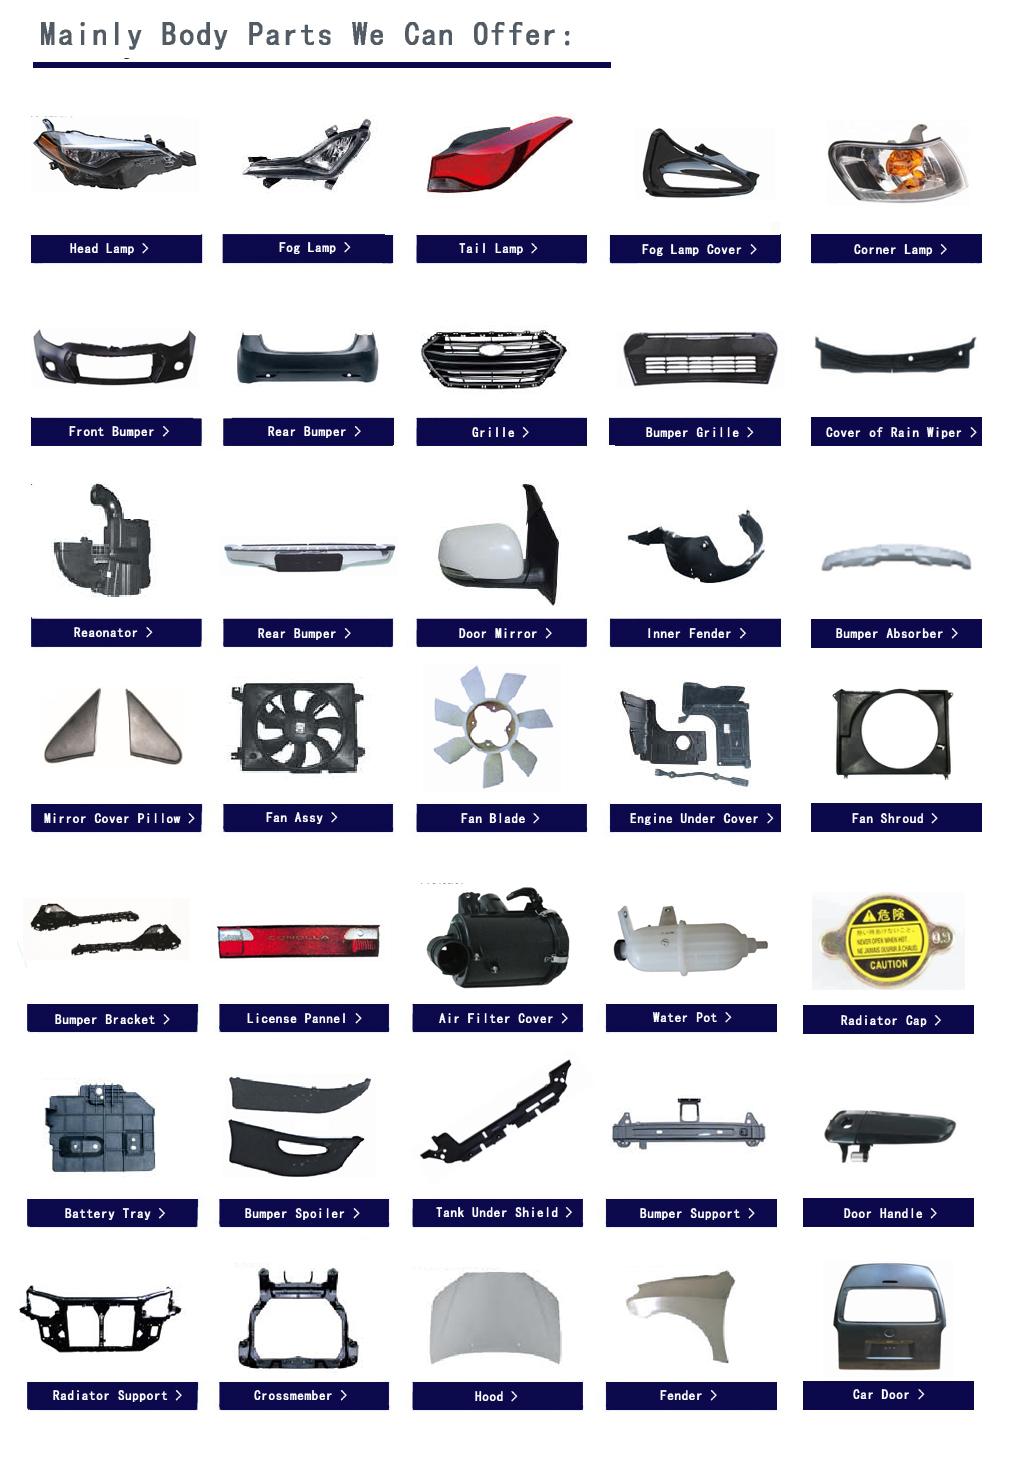 HOOFD LAMP ELEKTRISCHE MET MOTOR VOOR ACCENT 2012 MIDDEN-OOSTEN TYPE 92102-1R040 92101-1R040 221-1160